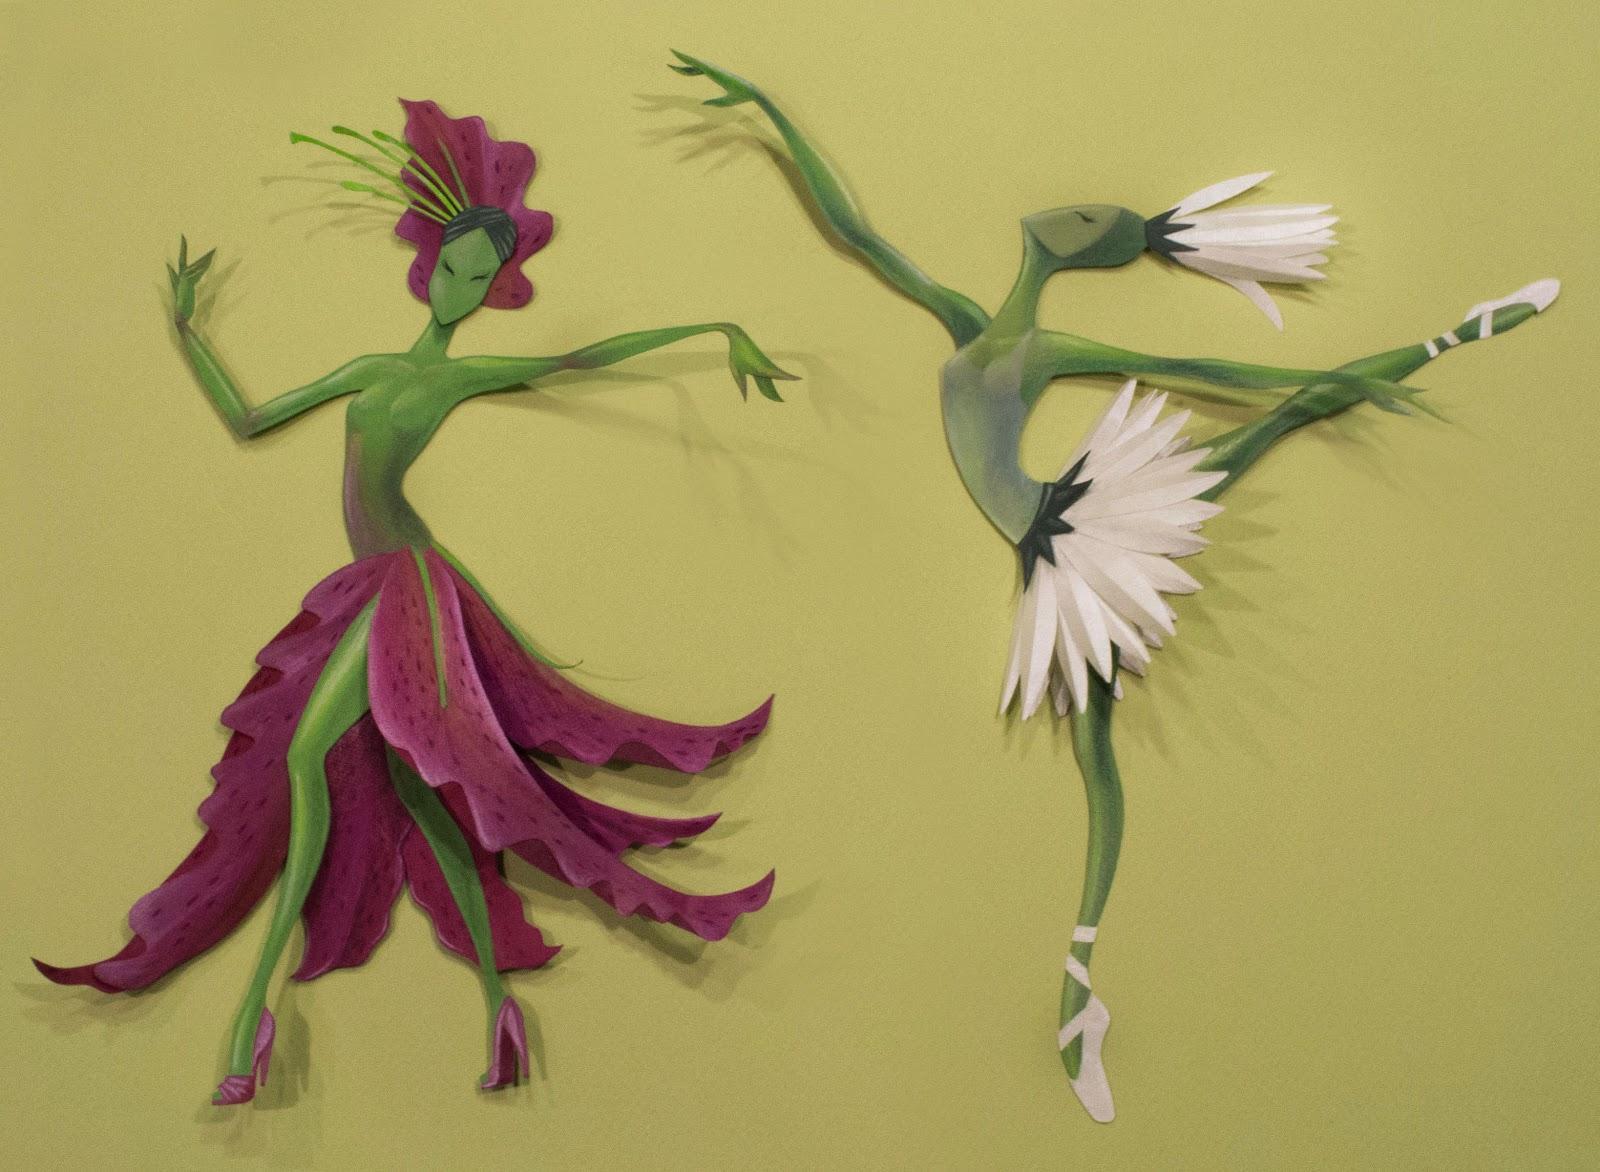 Танец с цветами картинки, смешные аниме